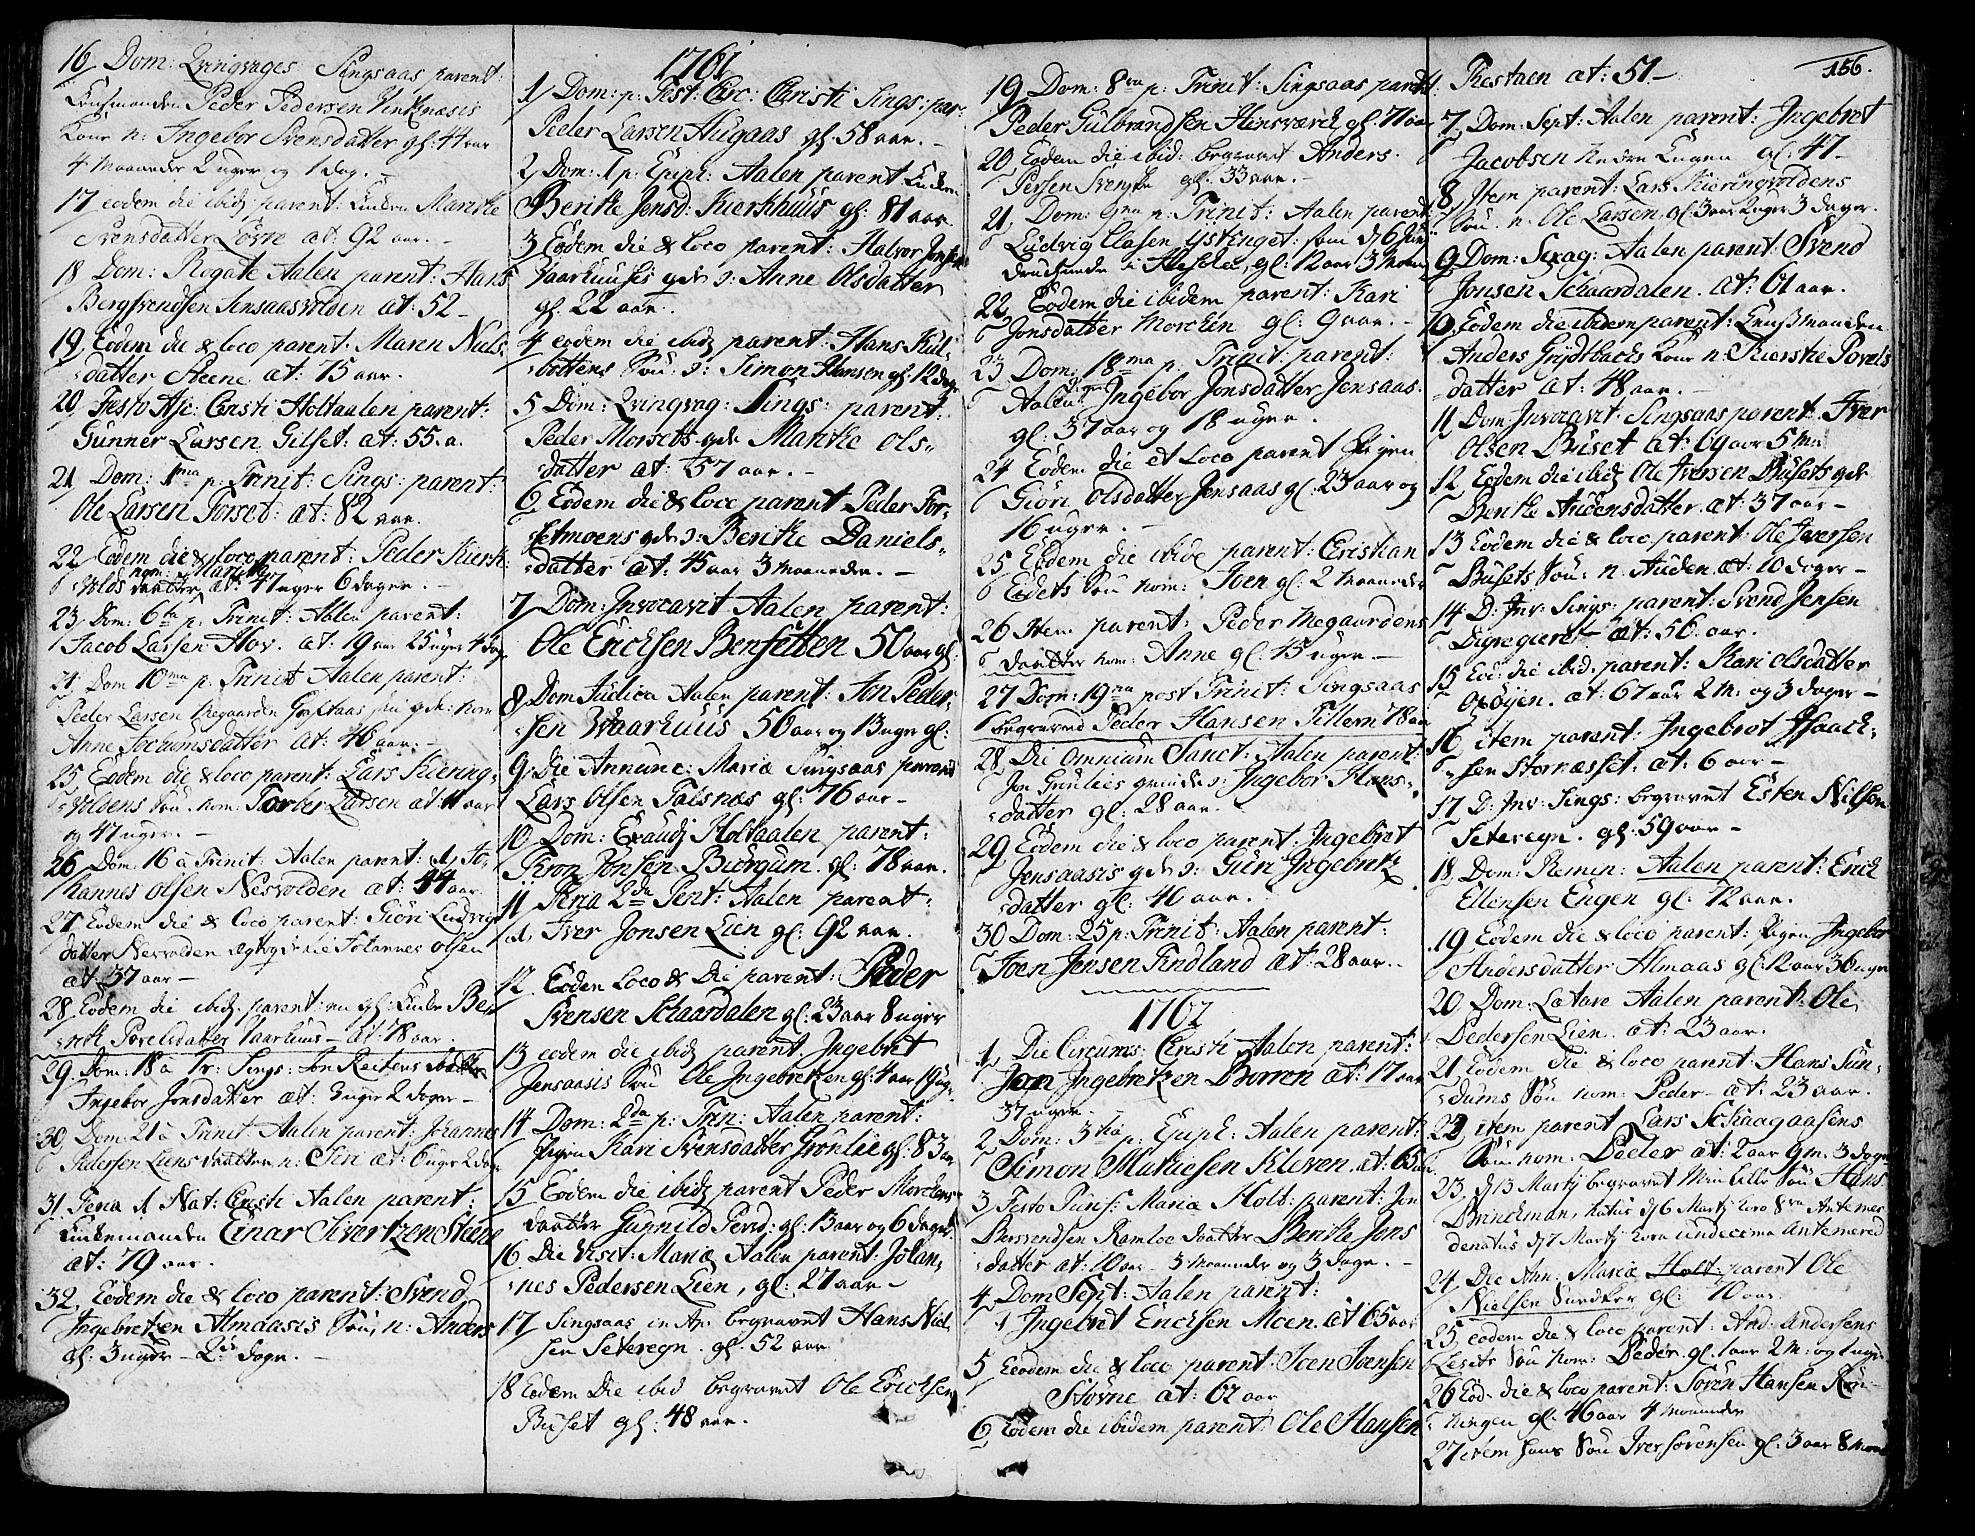 SAT, Ministerialprotokoller, klokkerbøker og fødselsregistre - Sør-Trøndelag, 685/L0952: Ministerialbok nr. 685A01, 1745-1804, s. 156